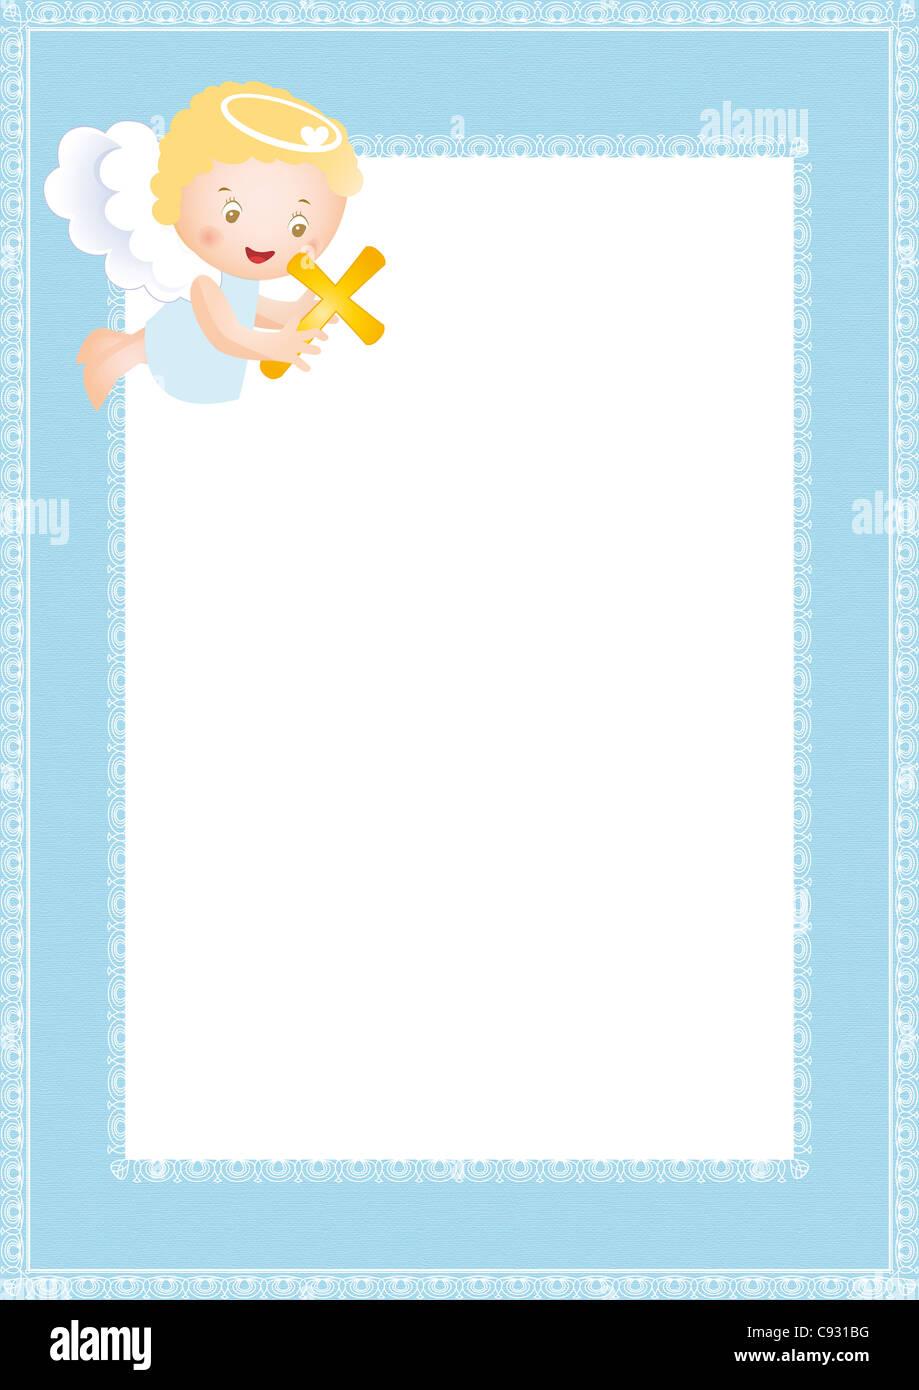 Baby-Taufe-Rahmen mit kleinen Engel Stockfoto, Bild: 40019604 - Alamy